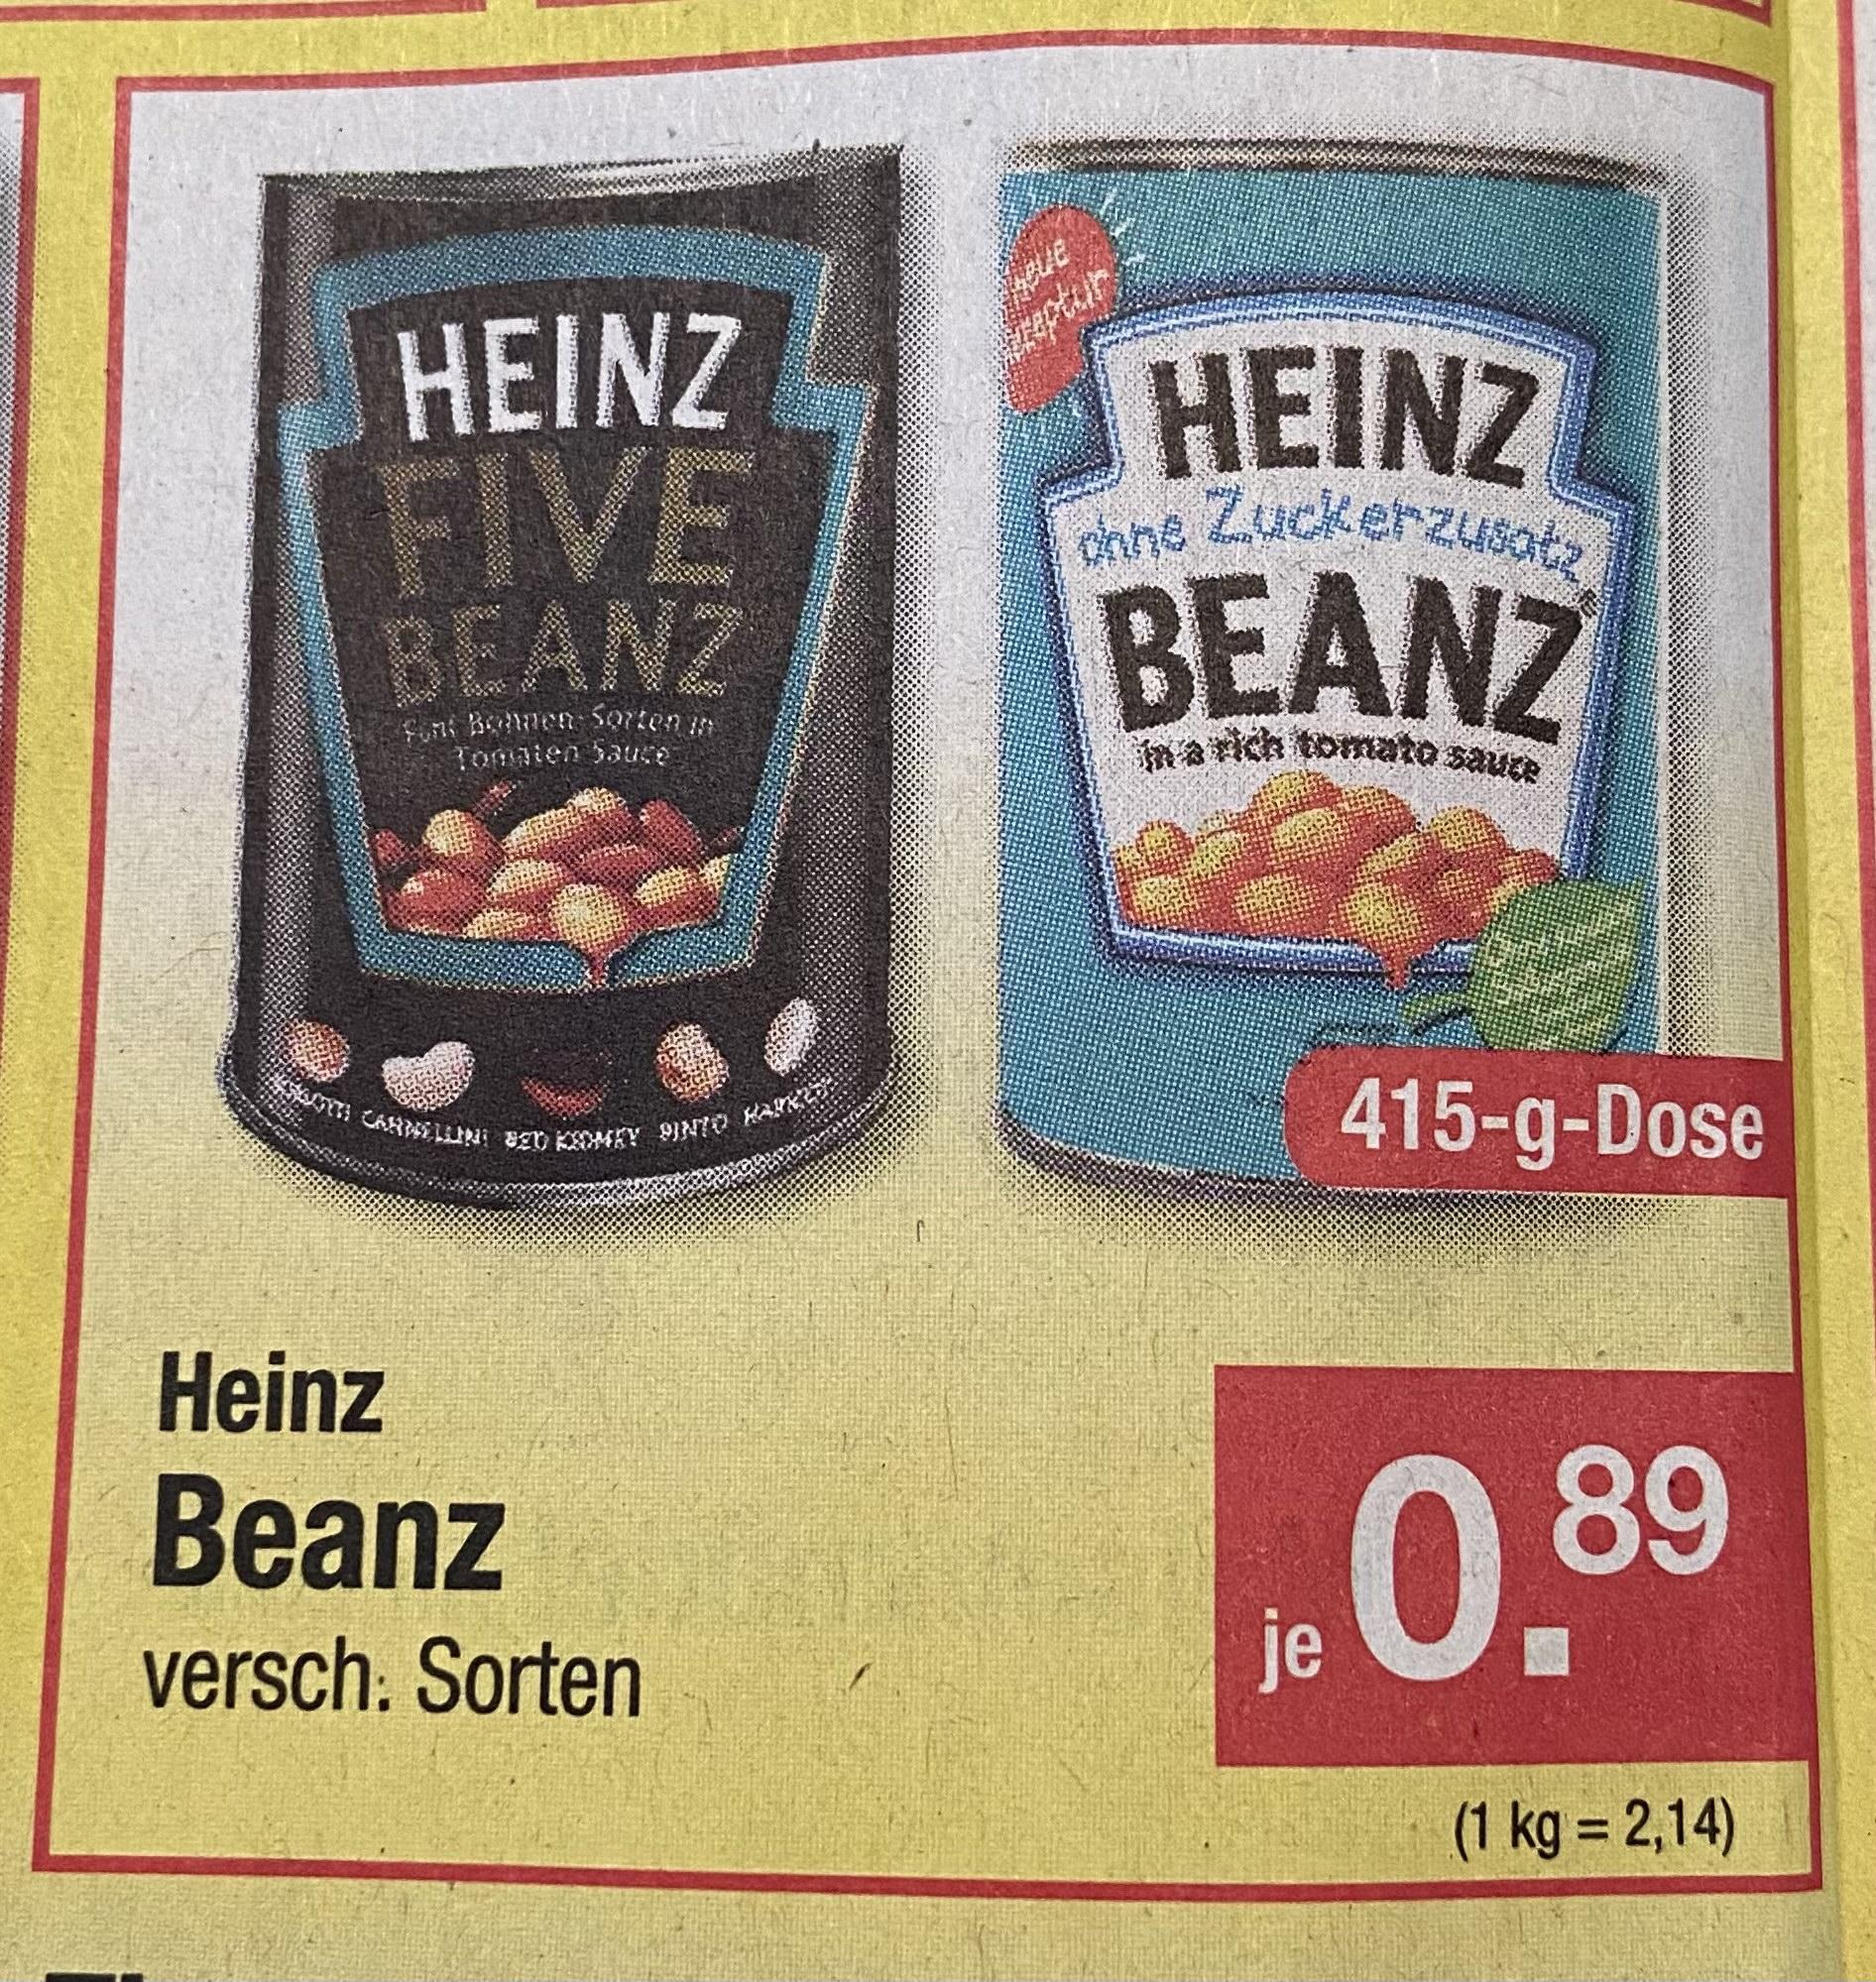 [Zimmermann] Heinz Baked Beans versch. Sorten